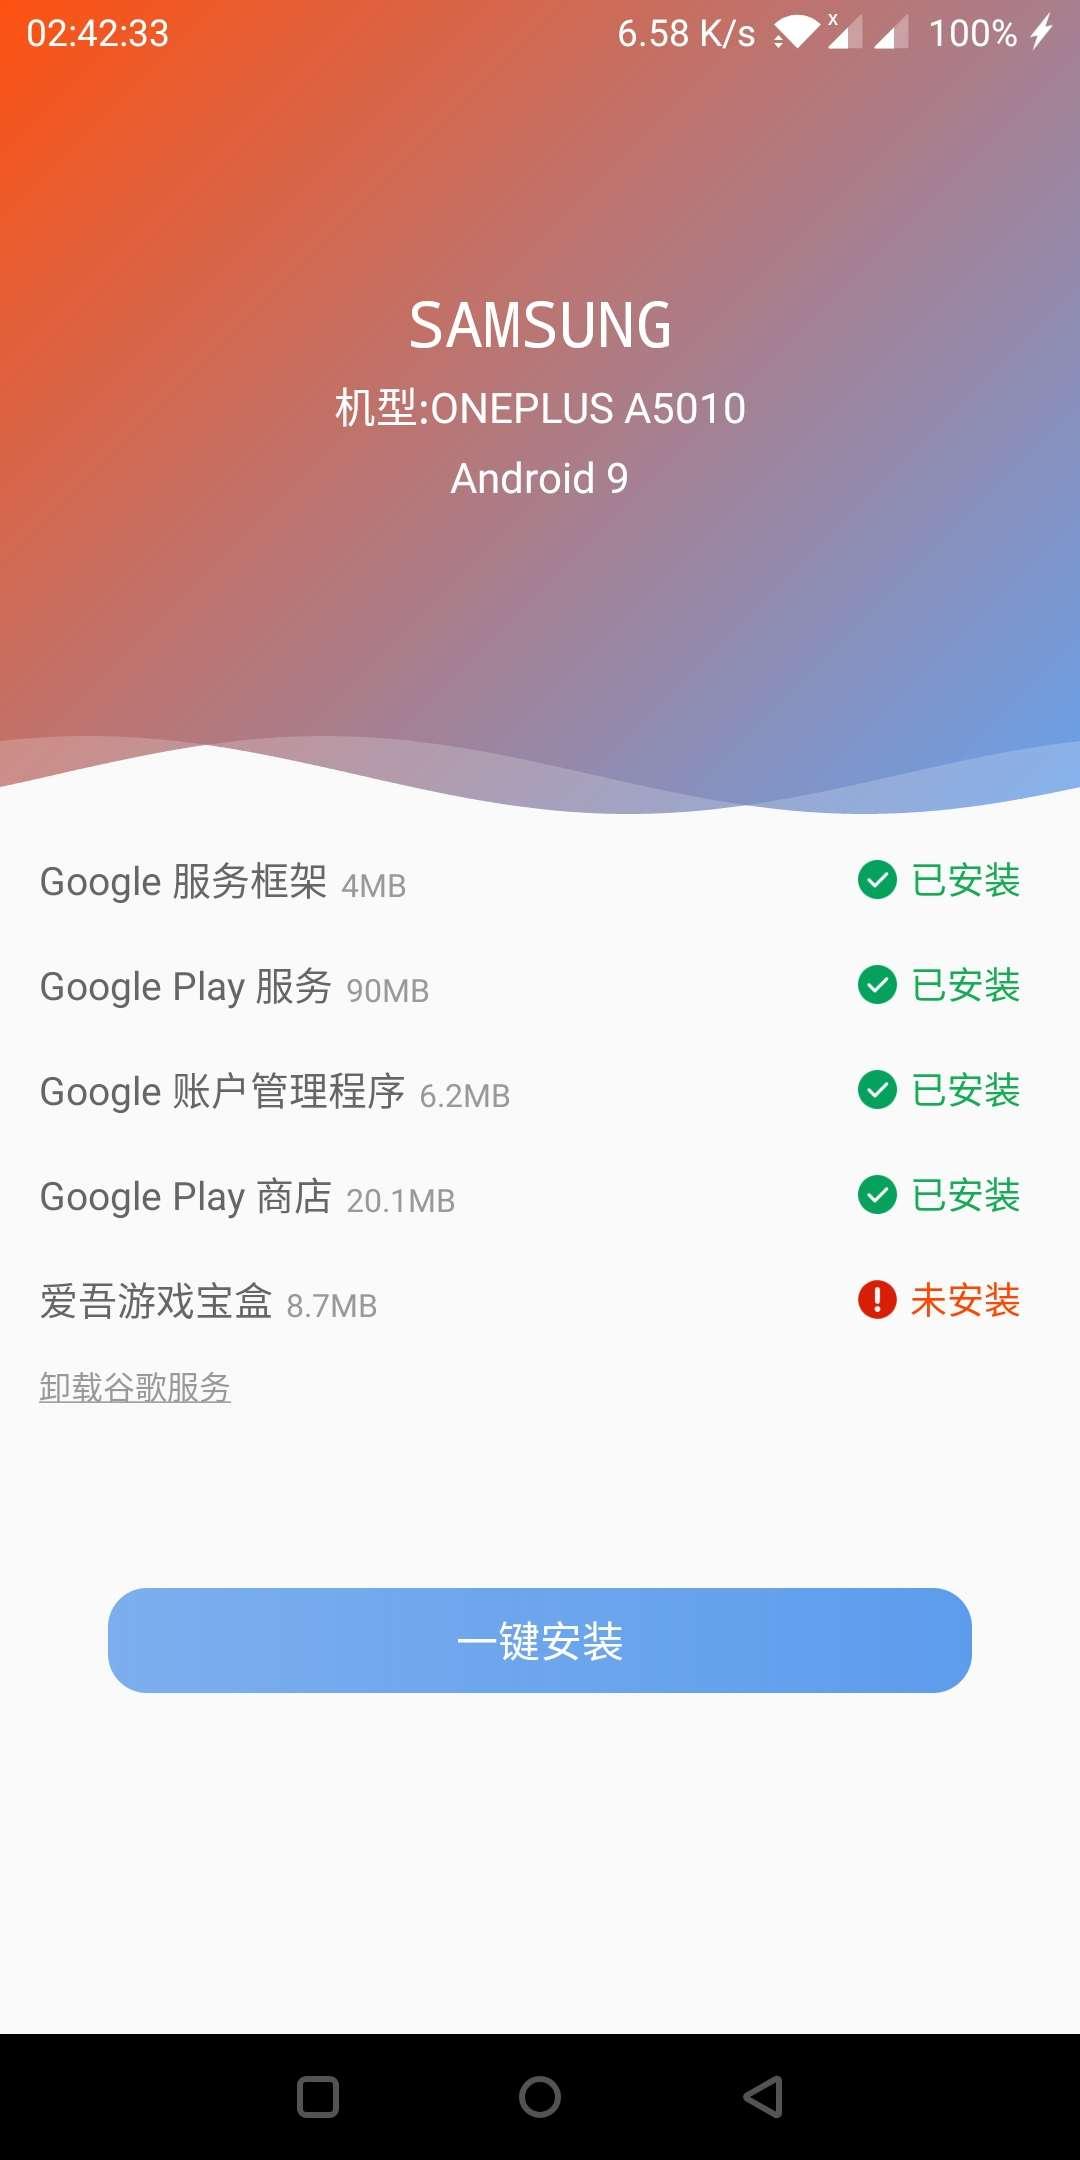 爱吾谷歌安装器v1.1 一键安装谷歌全家桶